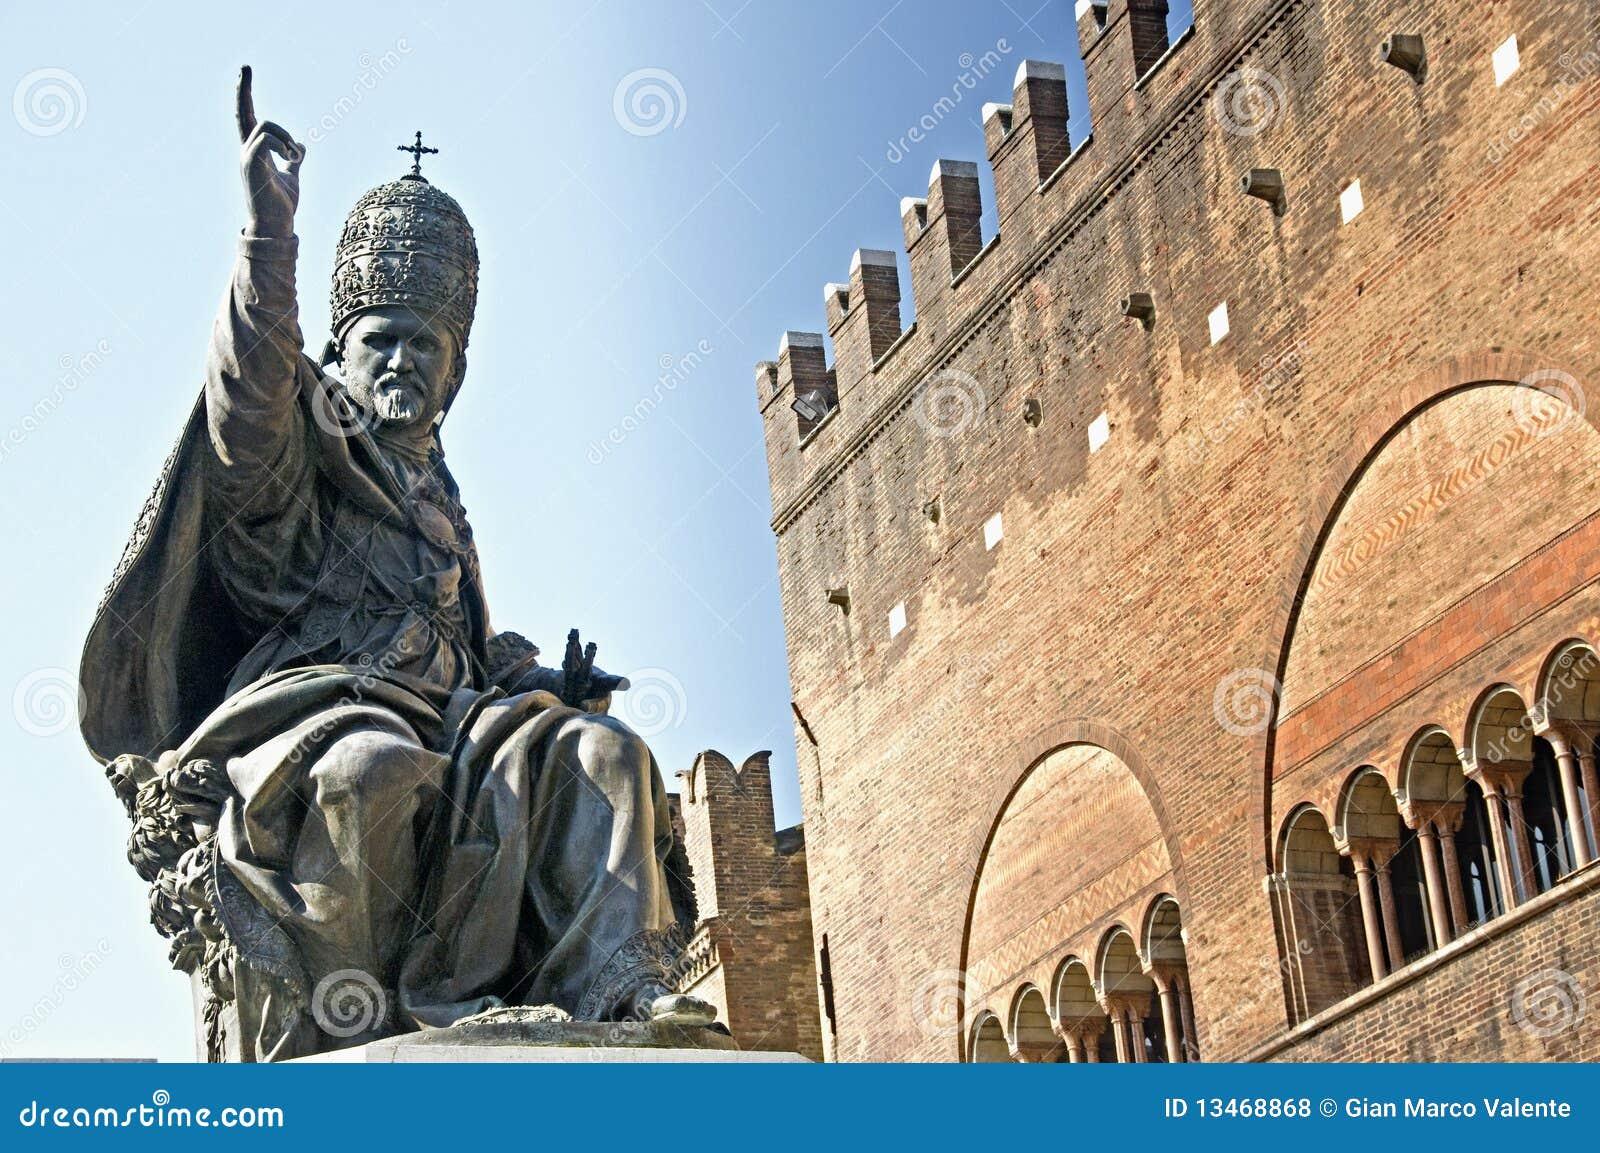 Statue des Papstes